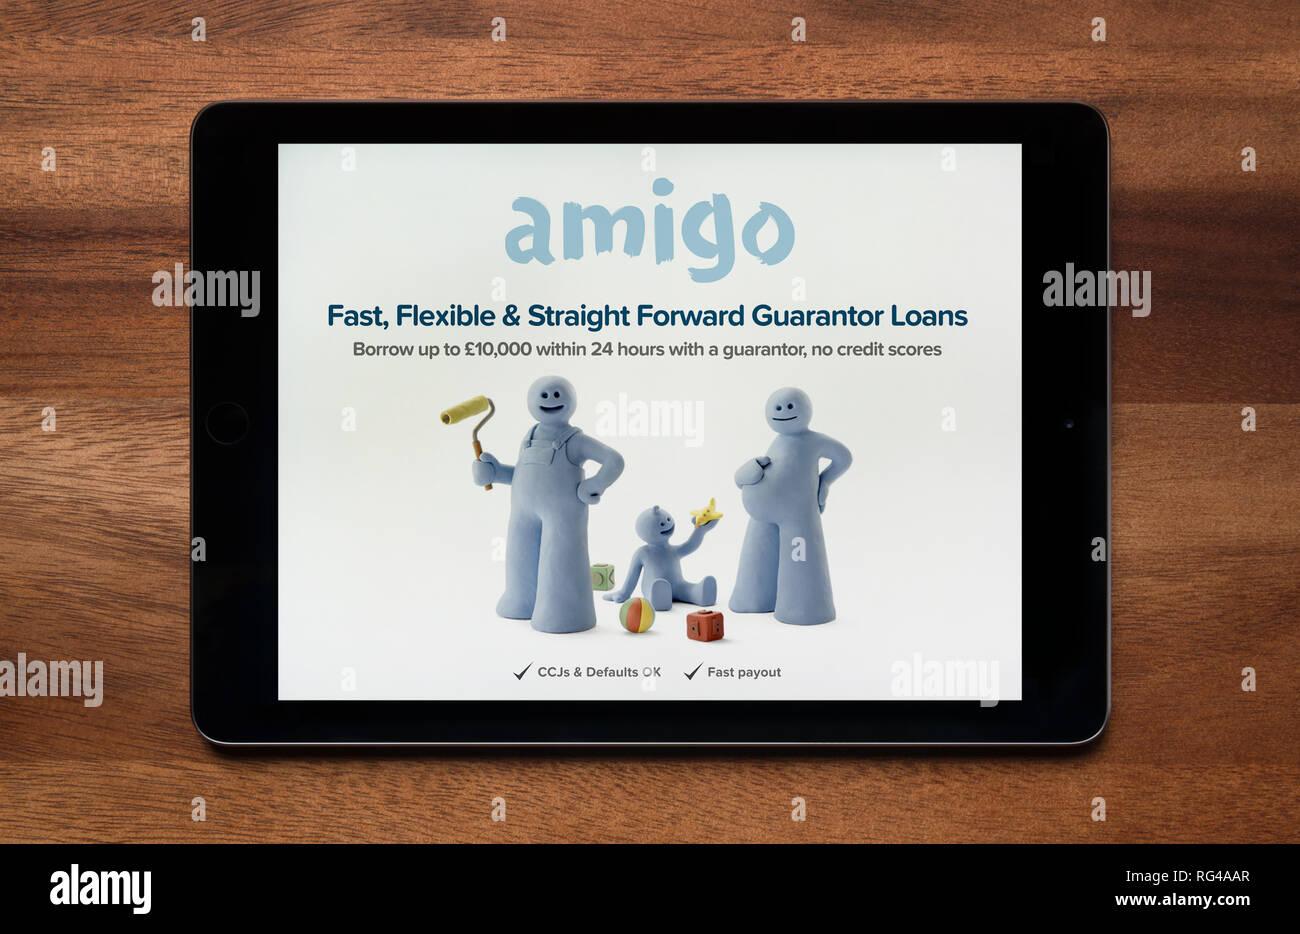 El sitio web de Amigo préstamos es visto en un iPad, que descansa sobre una mesa de madera (uso Editorial solamente). Imagen De Stock